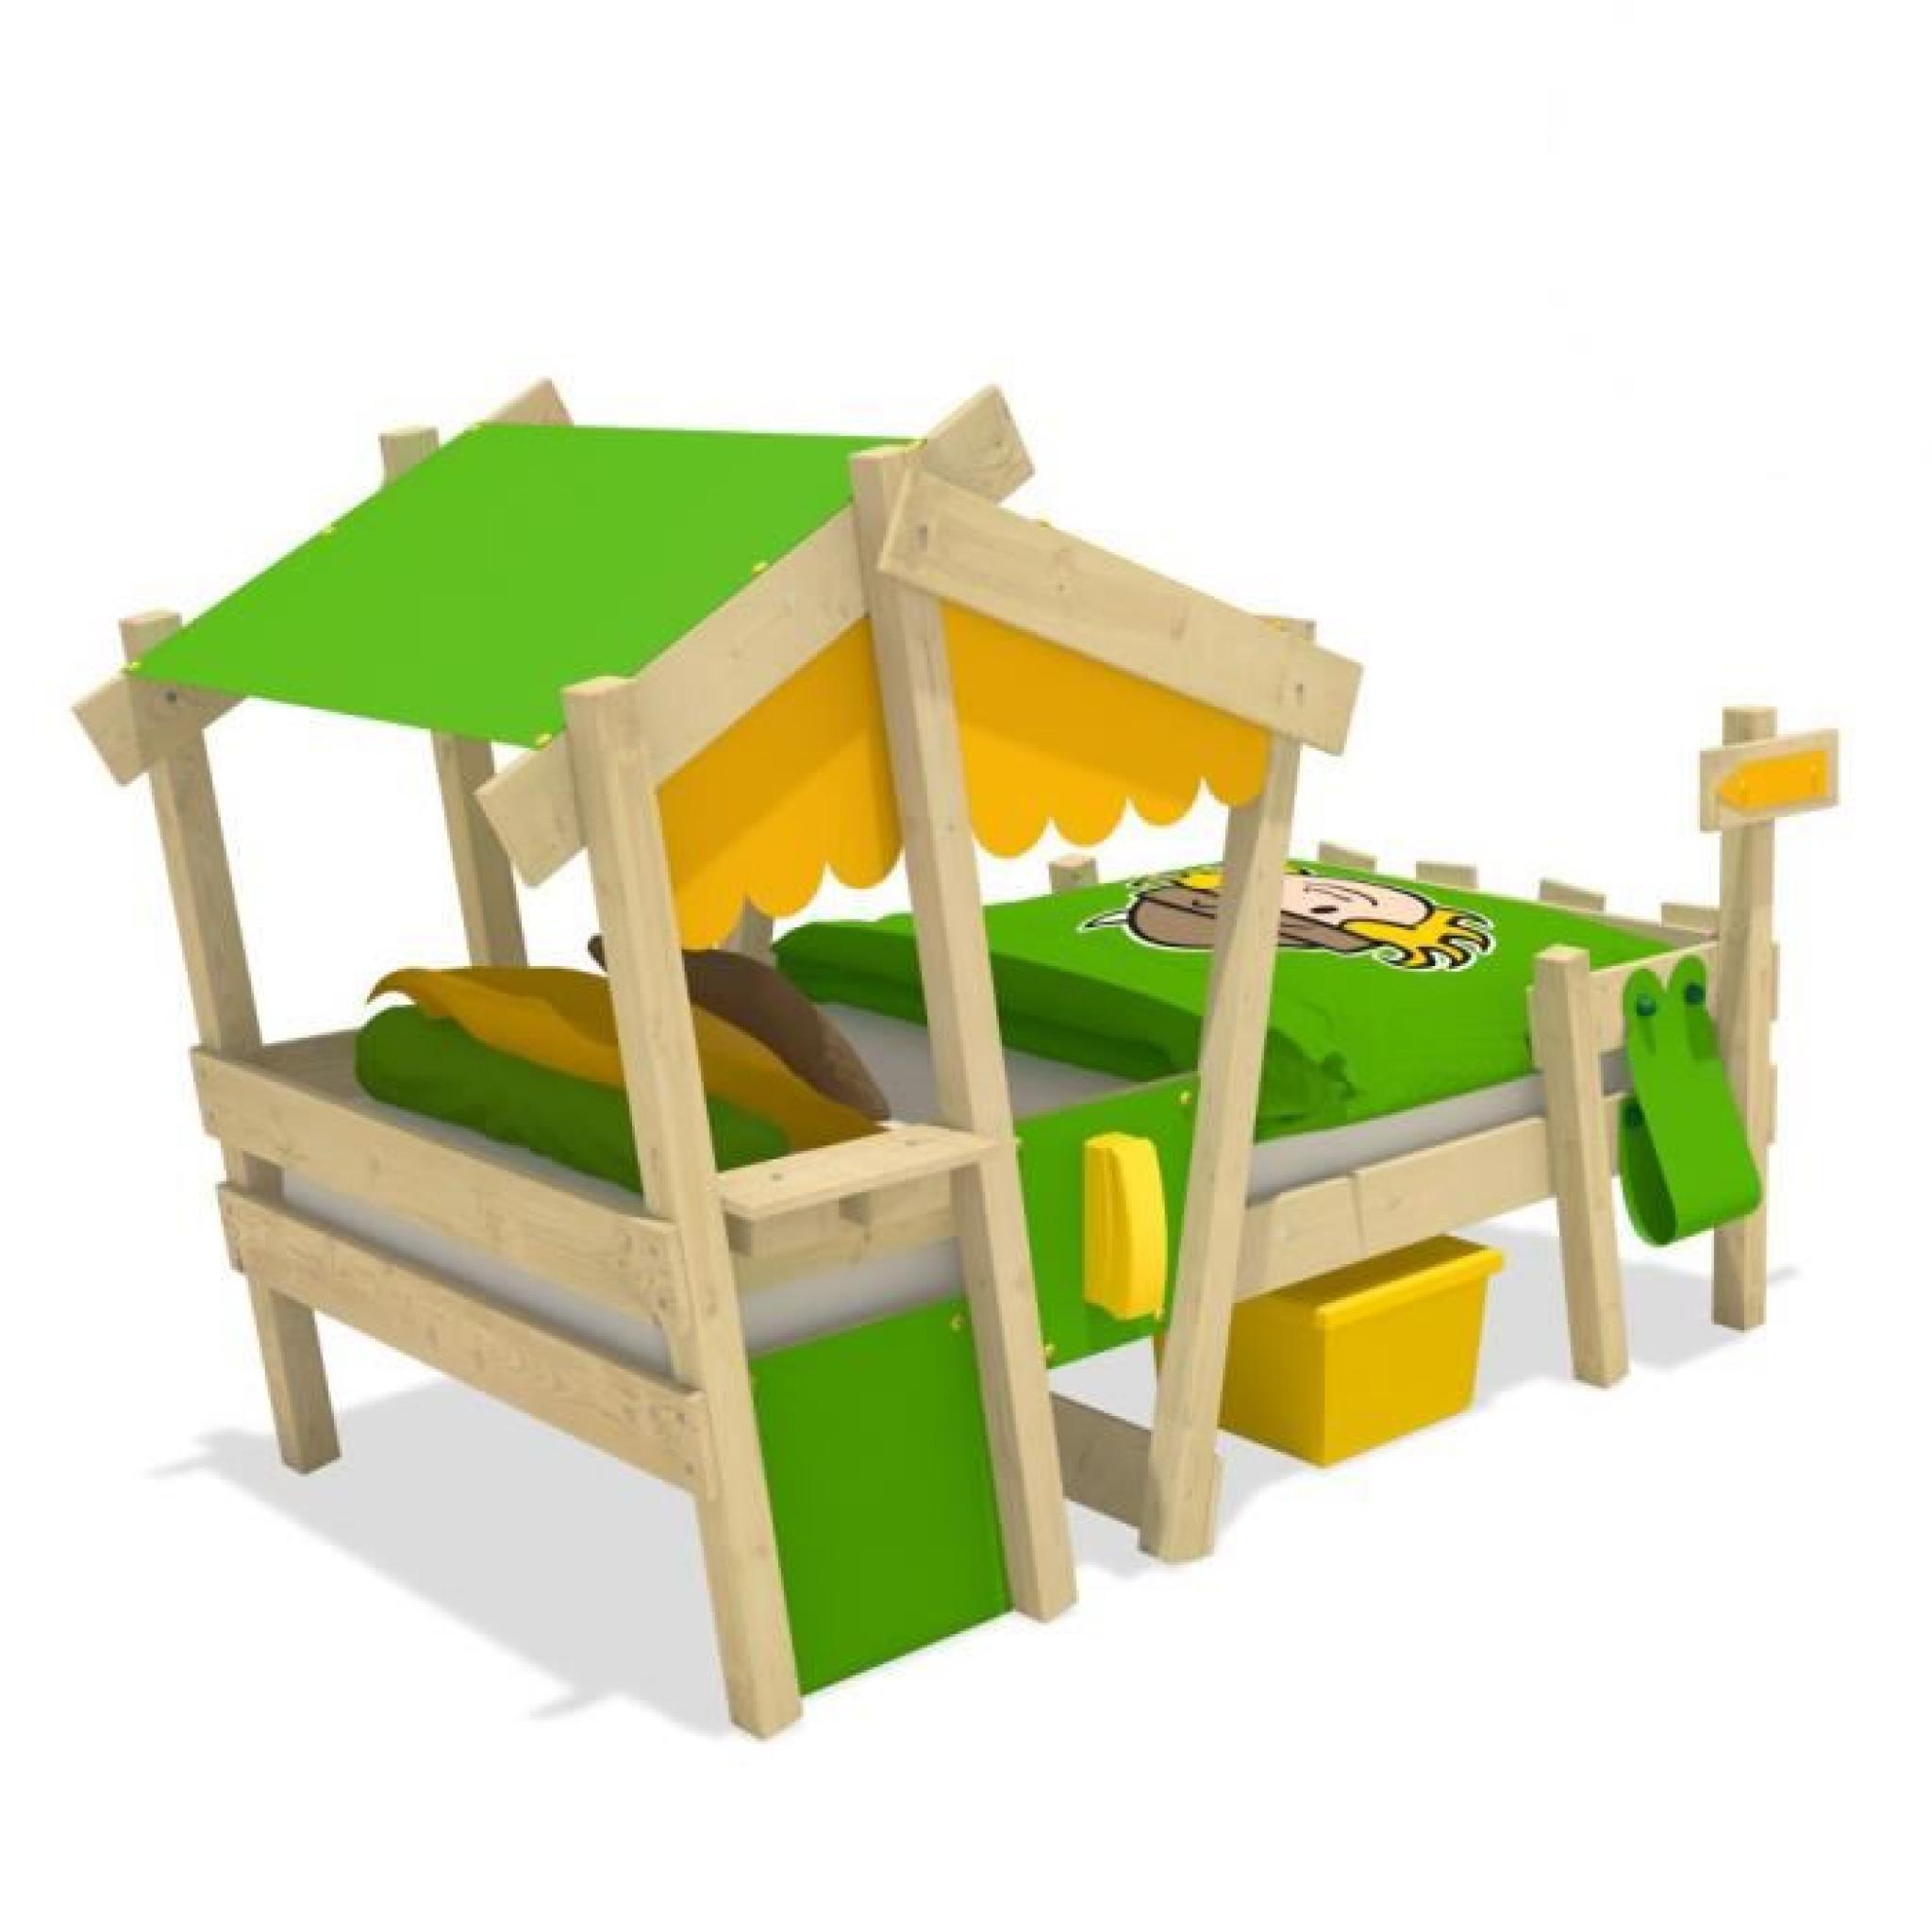 lit enfant bois ludique crazy candy achat vente lit pas cher couleur et. Black Bedroom Furniture Sets. Home Design Ideas